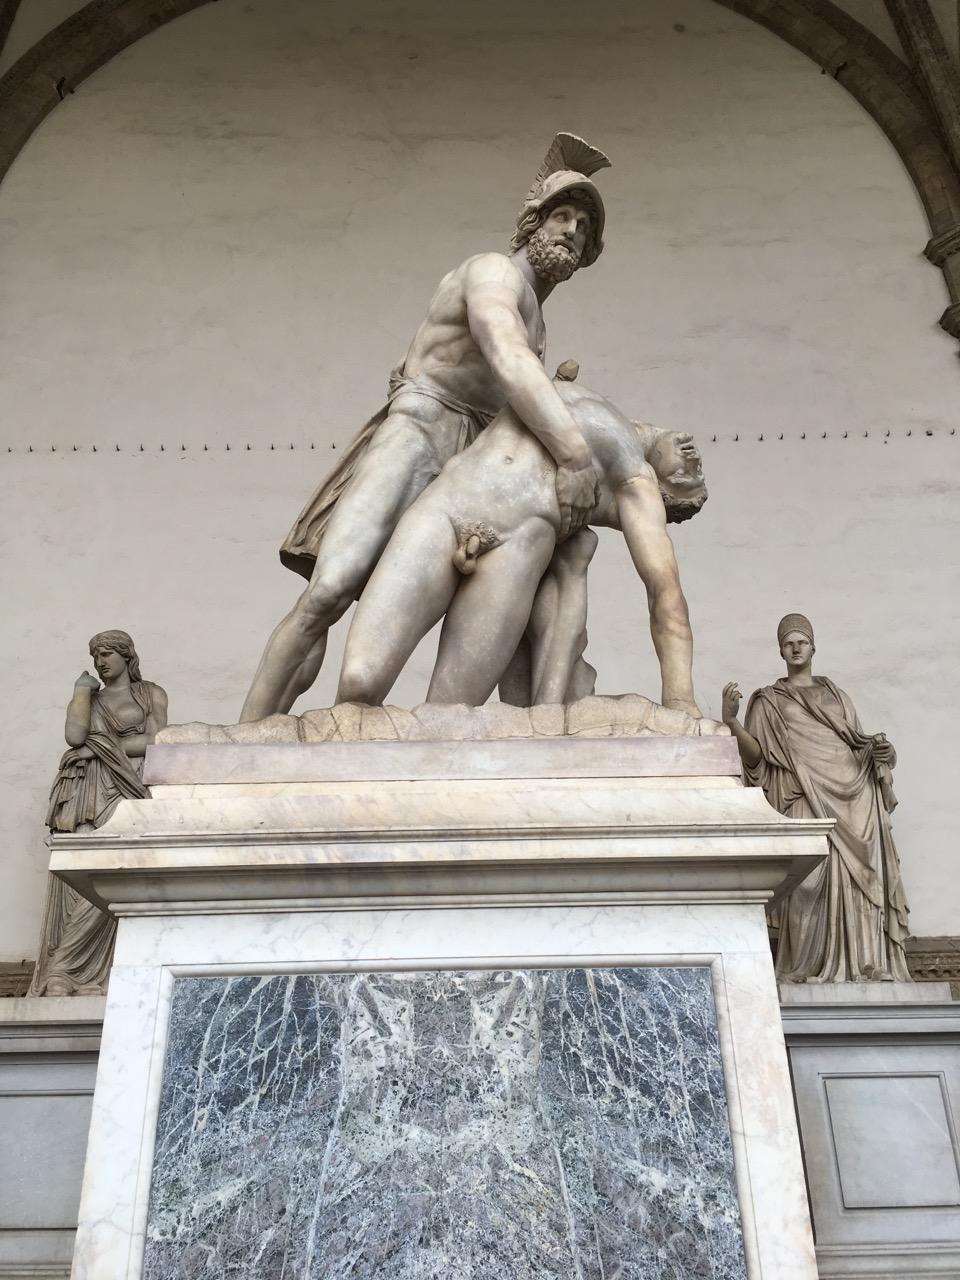 佣兵凉亭里的雕塑